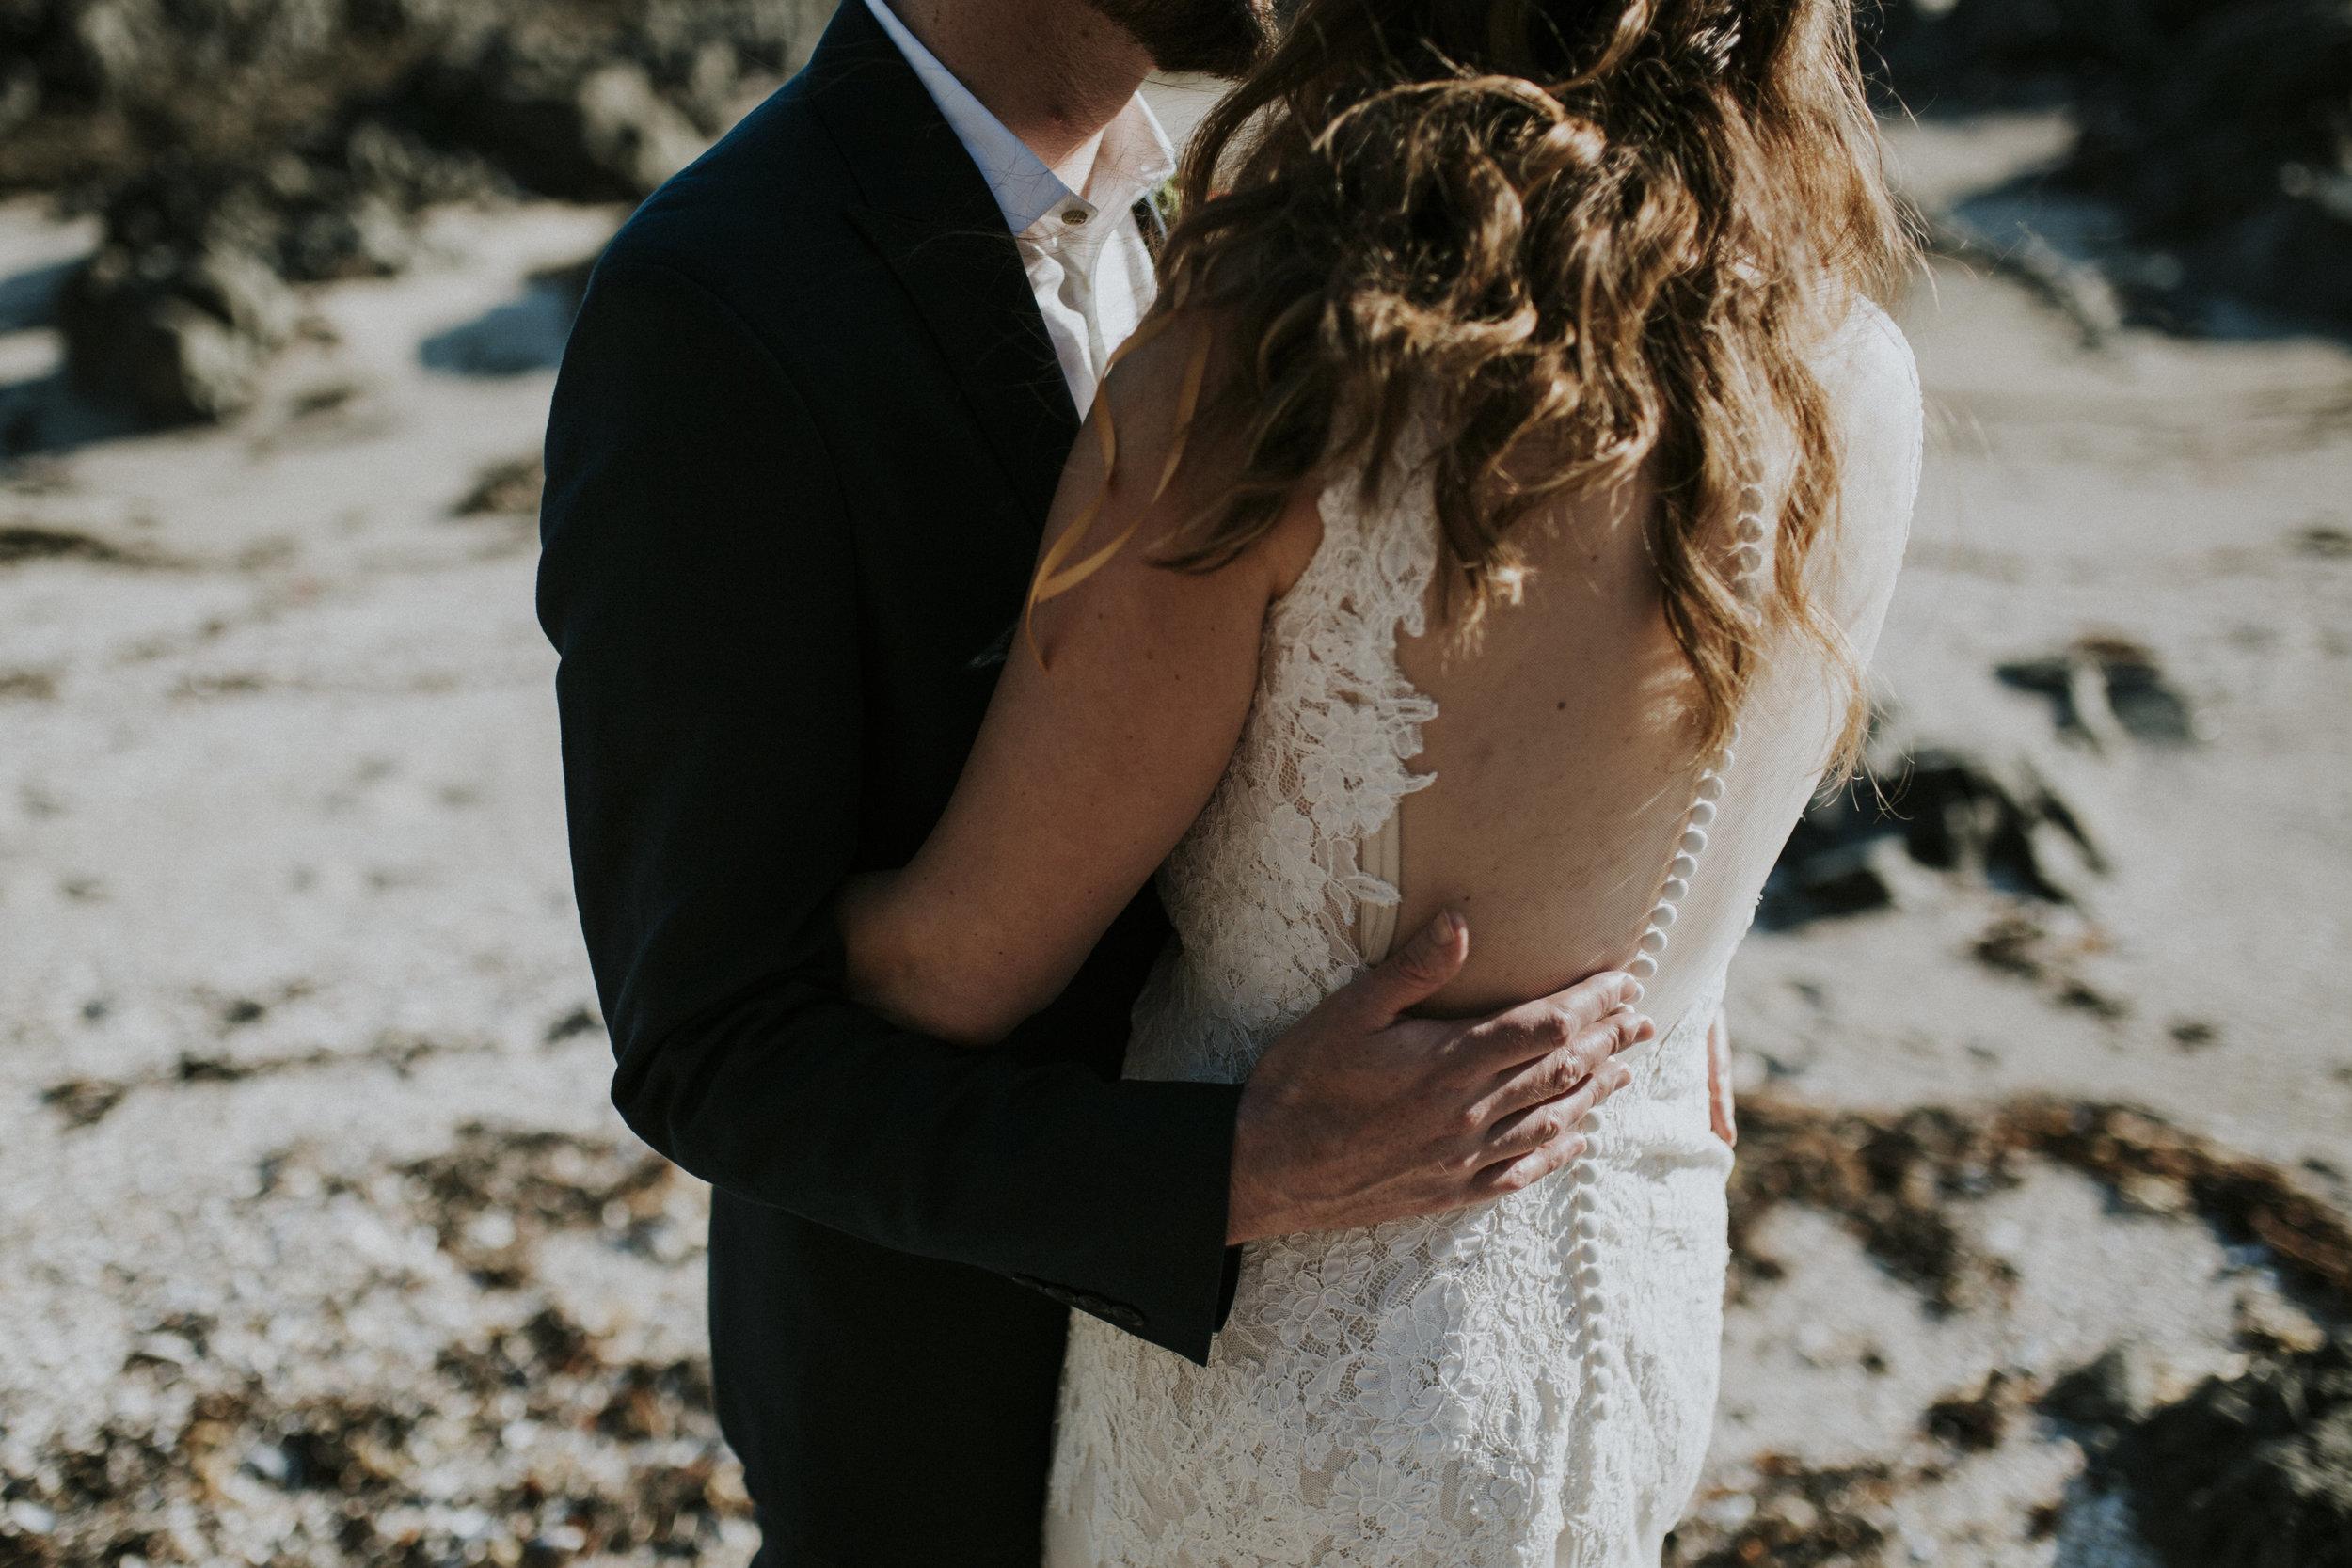 couple at sunset embracing beach wedding wickaninnish inn tofino